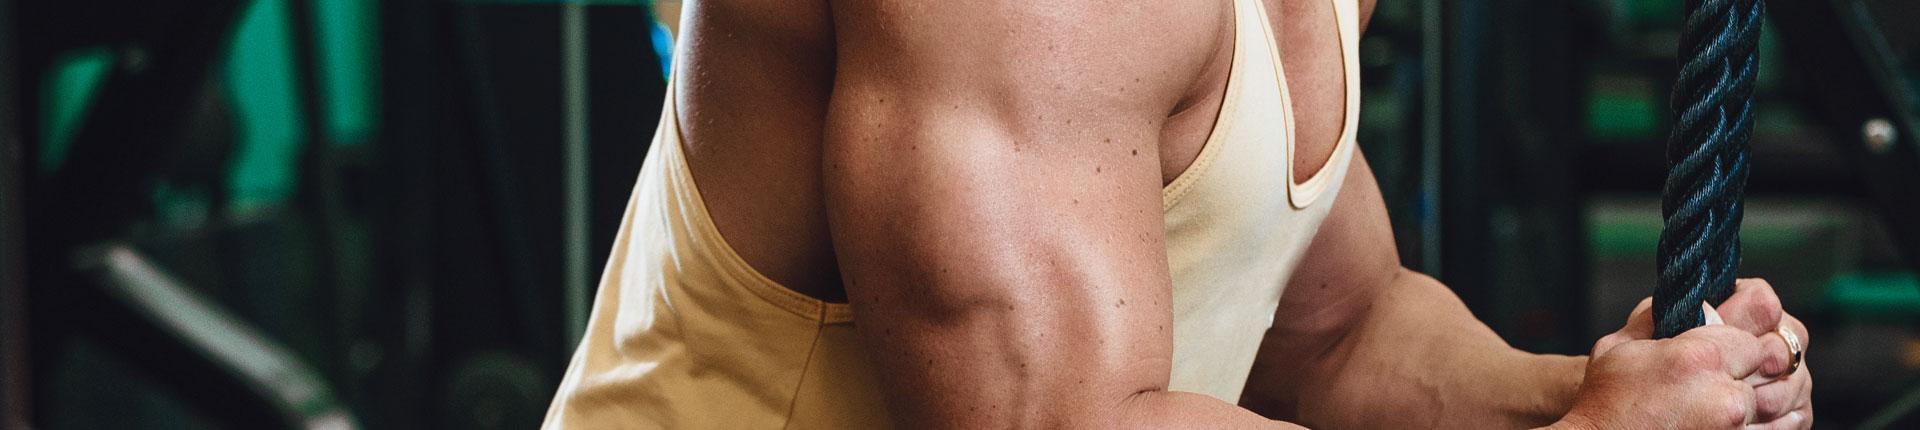 Trzy ćwiczenia na kompletny rozwój tricepsów!